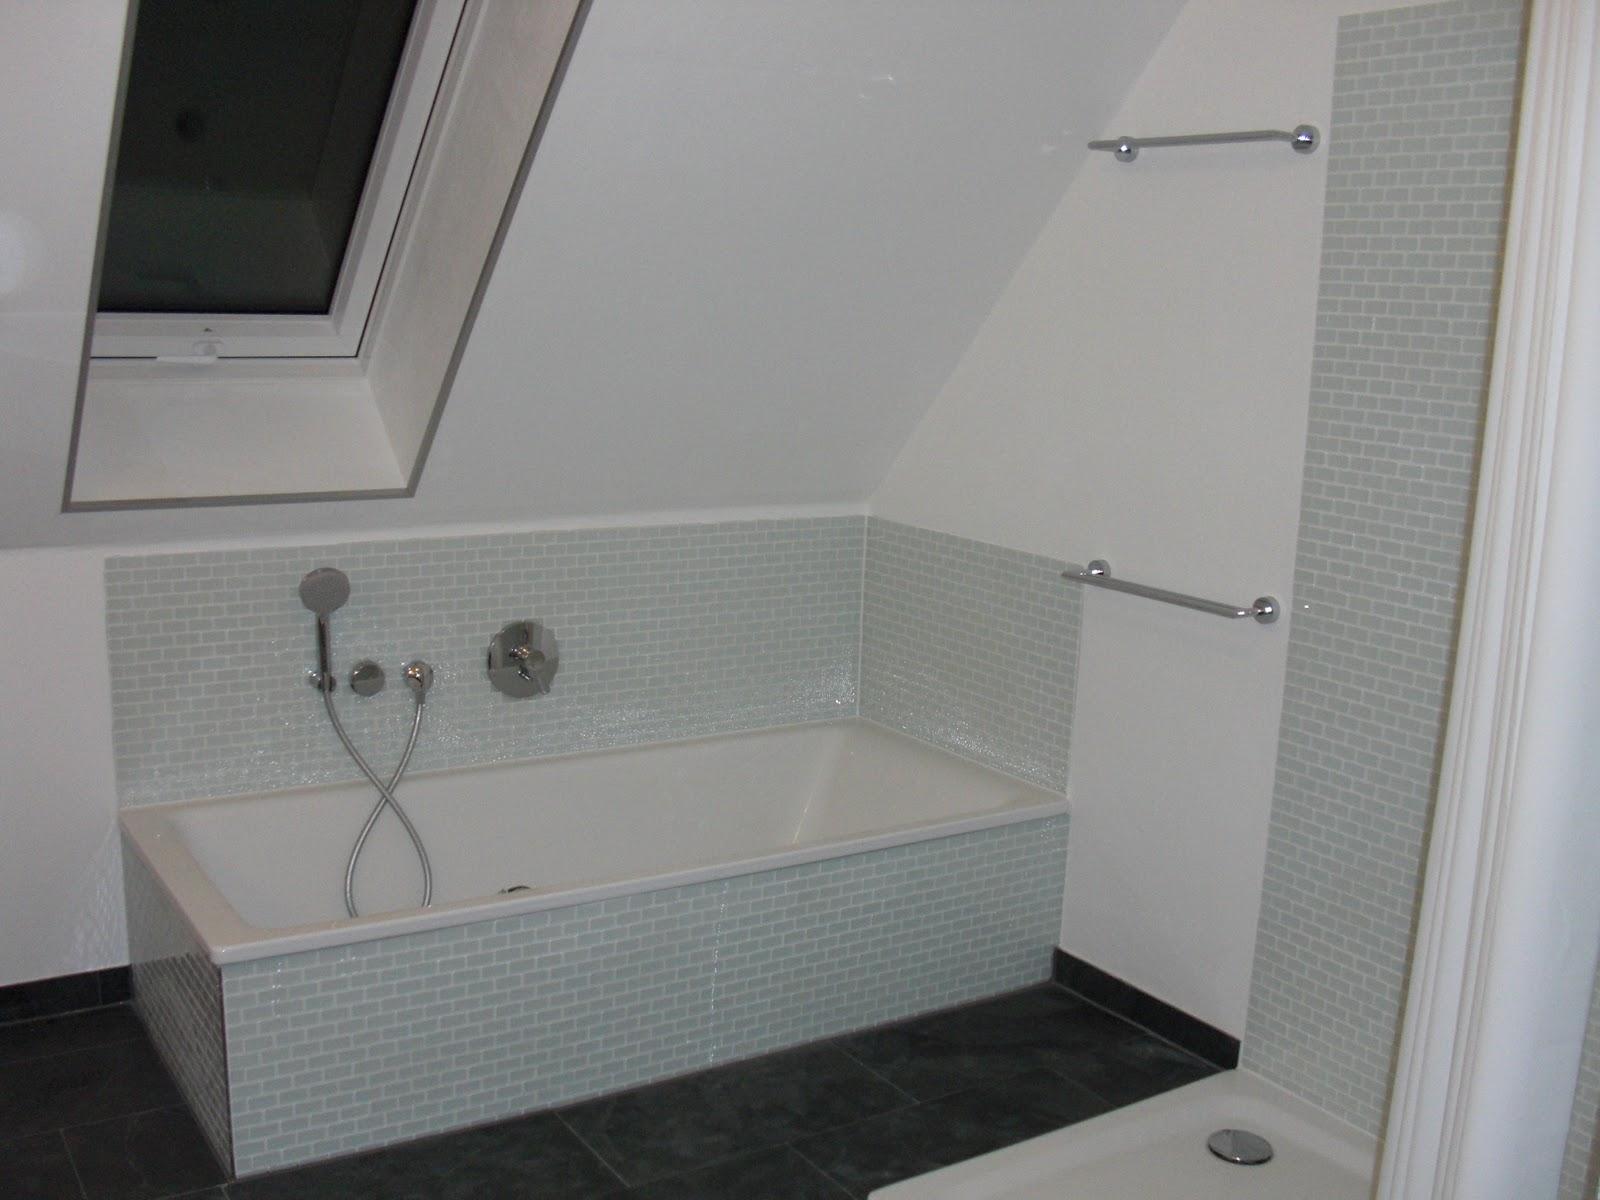 Tapete Dusche Versiegeln : heim-elich: Schönheitskorrekturen im Bad